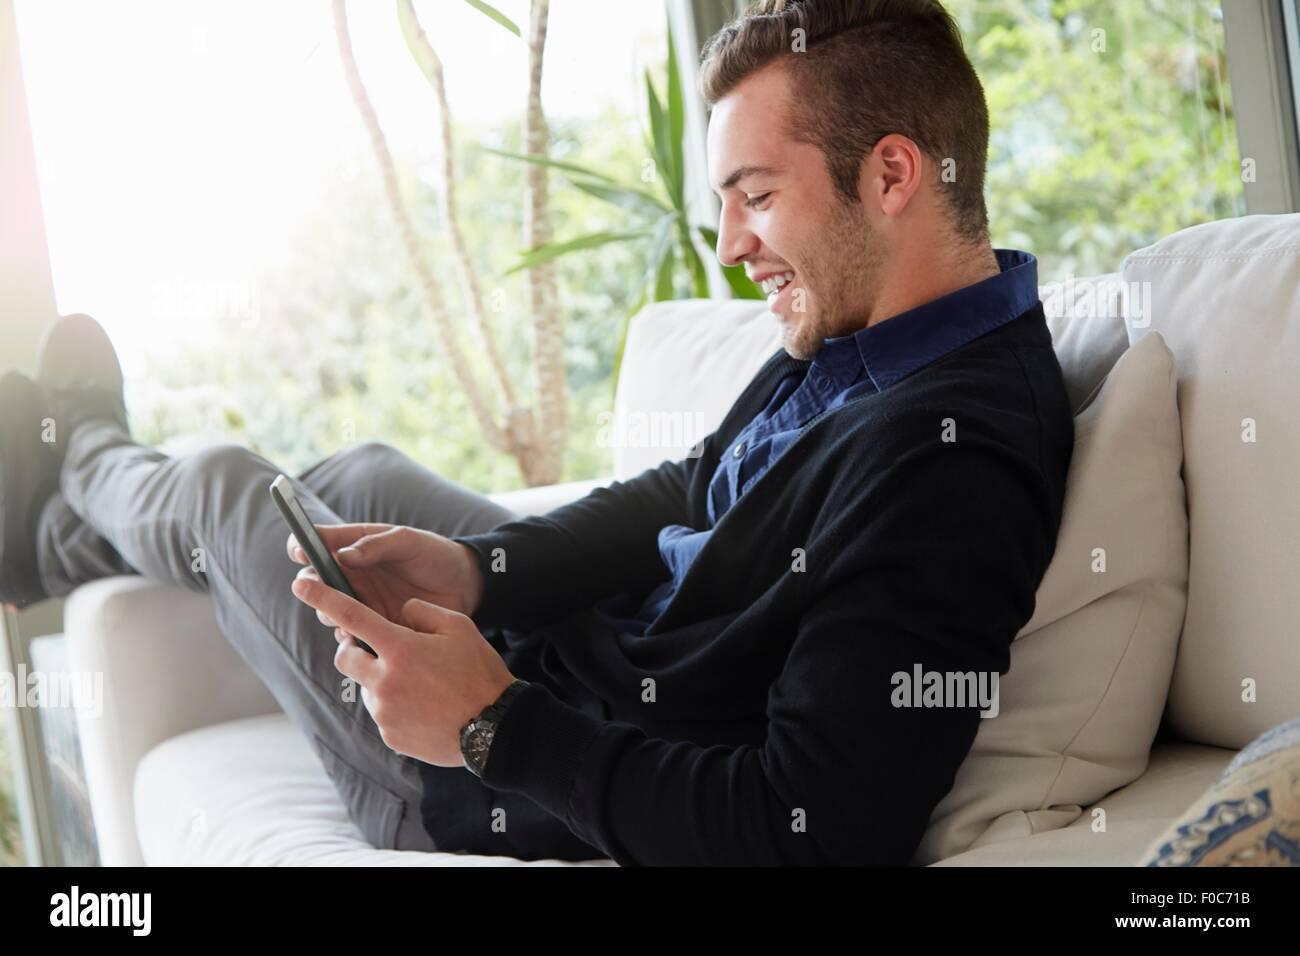 Porträt des Mannes entspannen Sie sich auf Sofa mit Füßen auf der Suche um digitales Lesegerät Stockbild